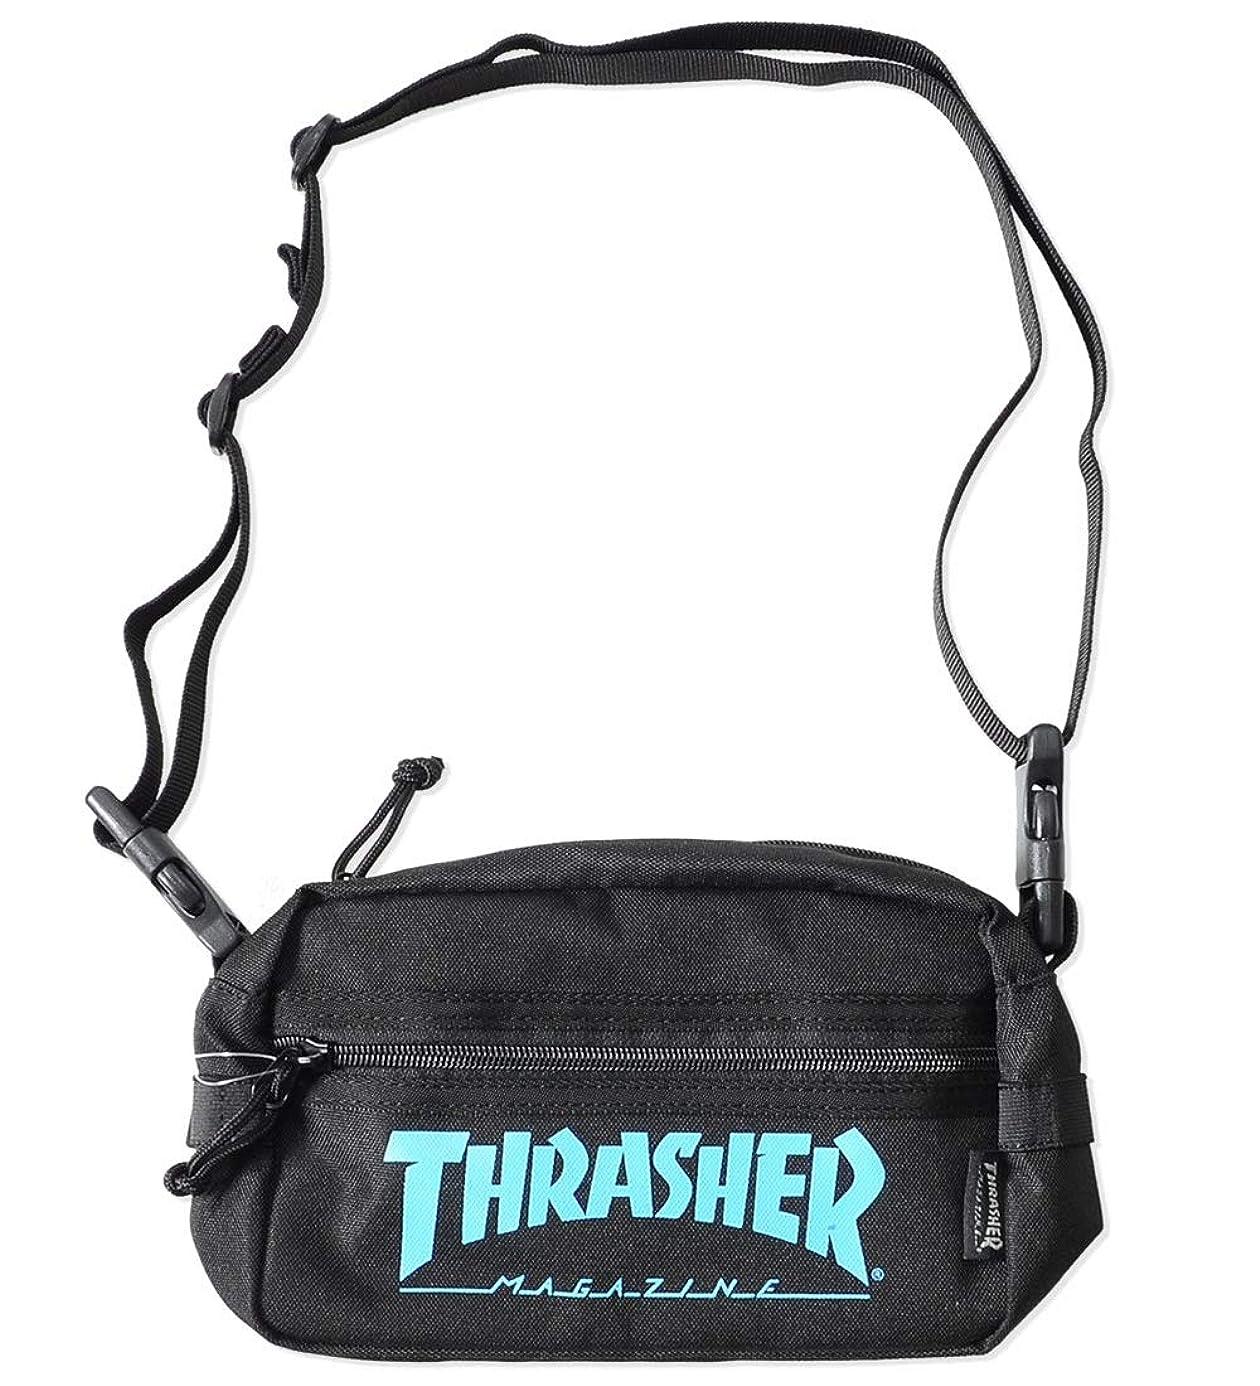 骨髄たとえ理想的THRASHER スラッシャー ショルダーバッグ サコッシュ カバン MAGロゴ (THRSG400) O/S BLACK/BLUE